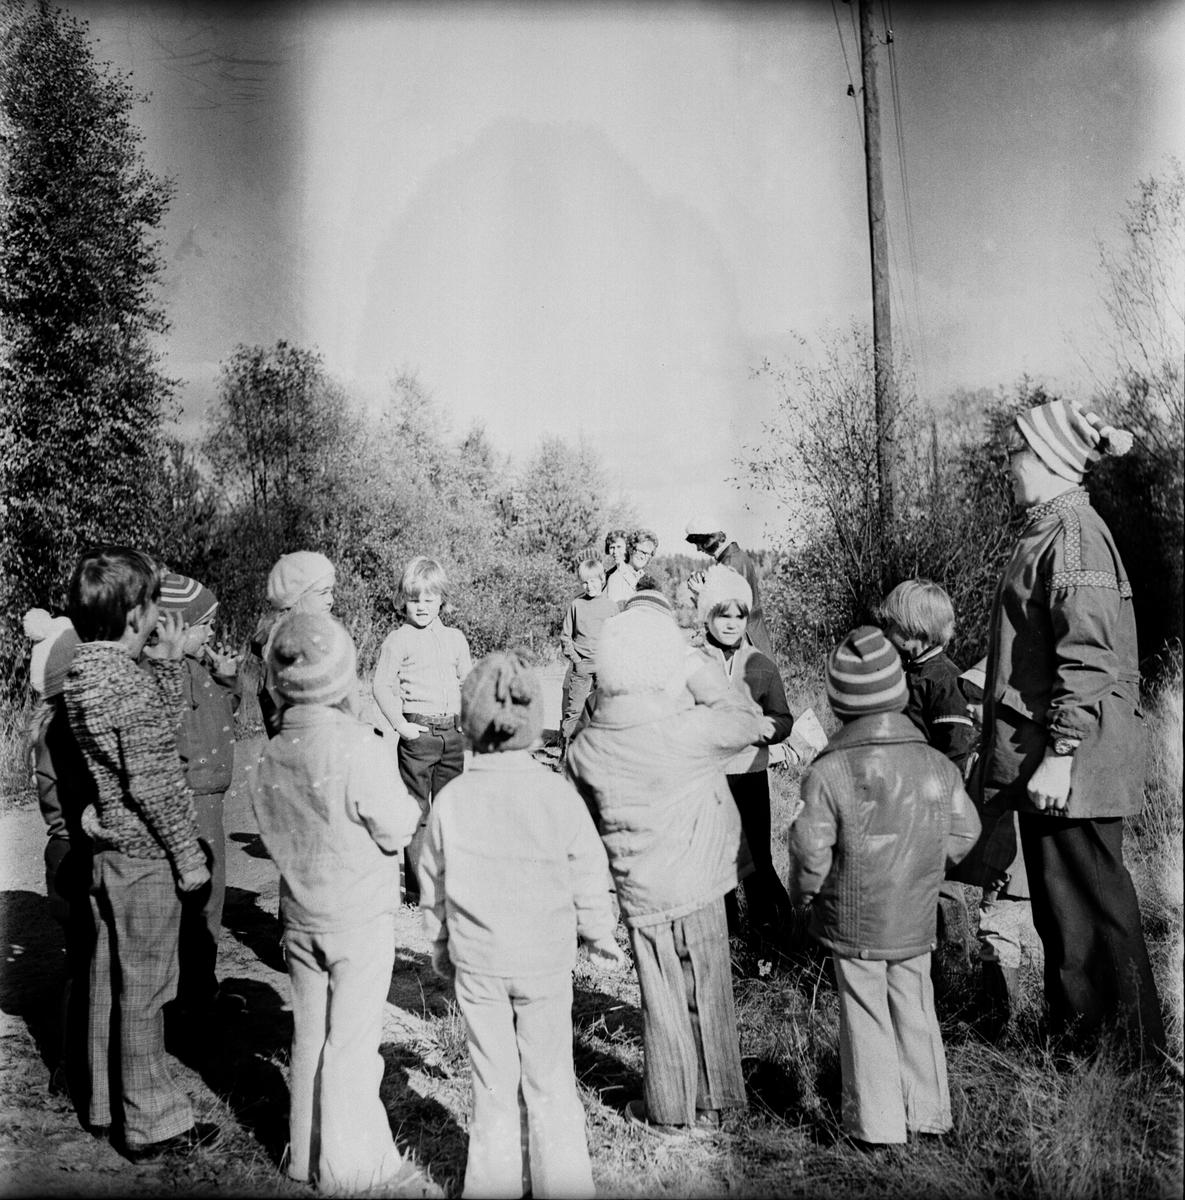 Vallsta mulleskola avslutning. September 1972